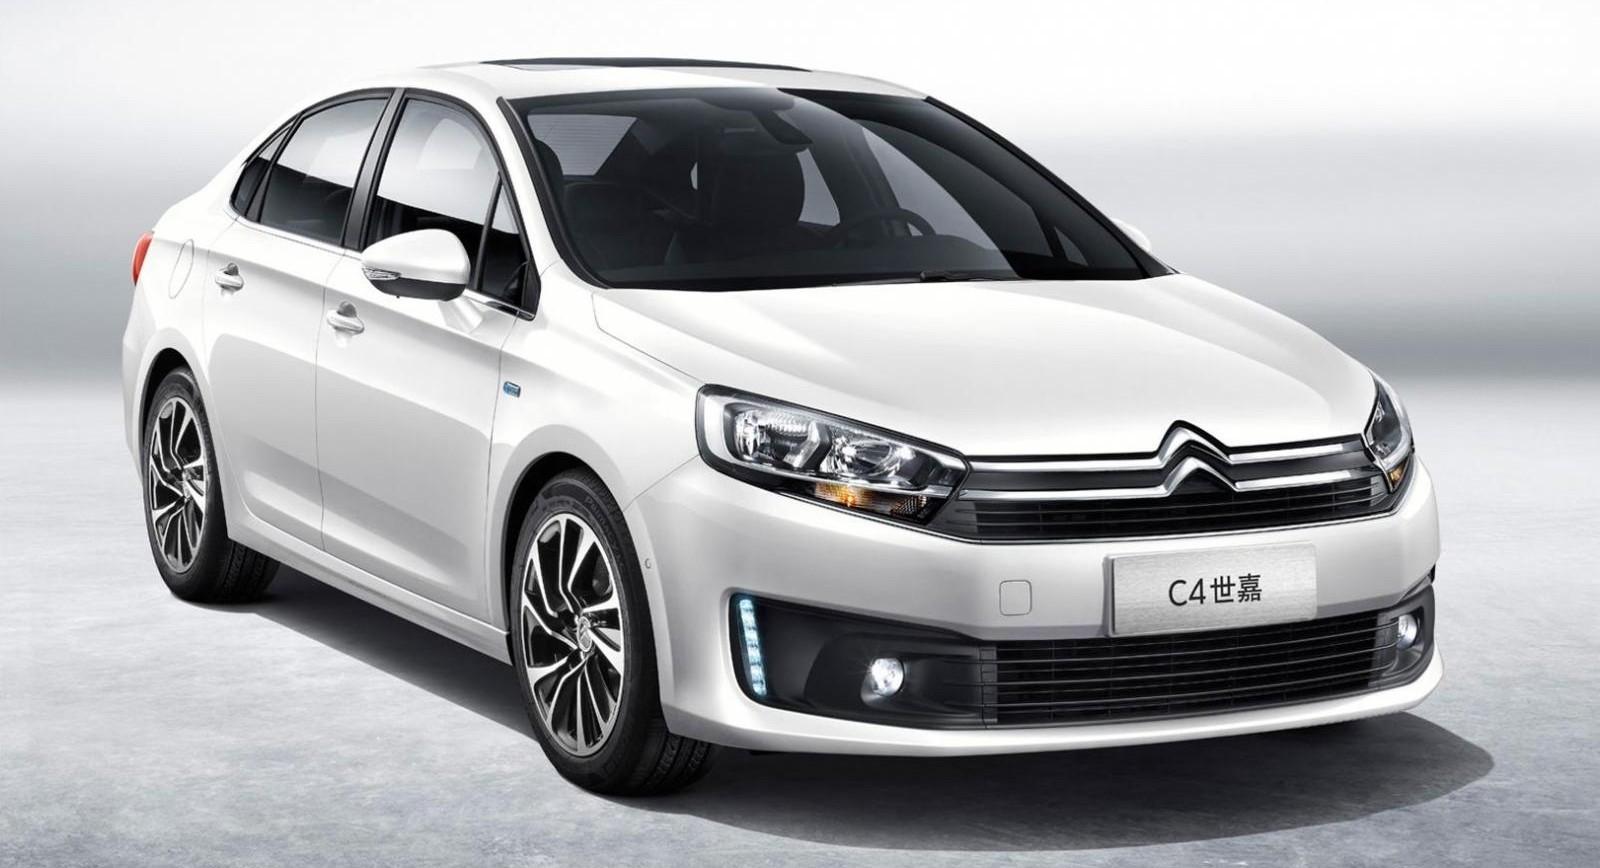 Обновленная модель Citroen C4L Sedan выйдет на китайский рынок уже в июле